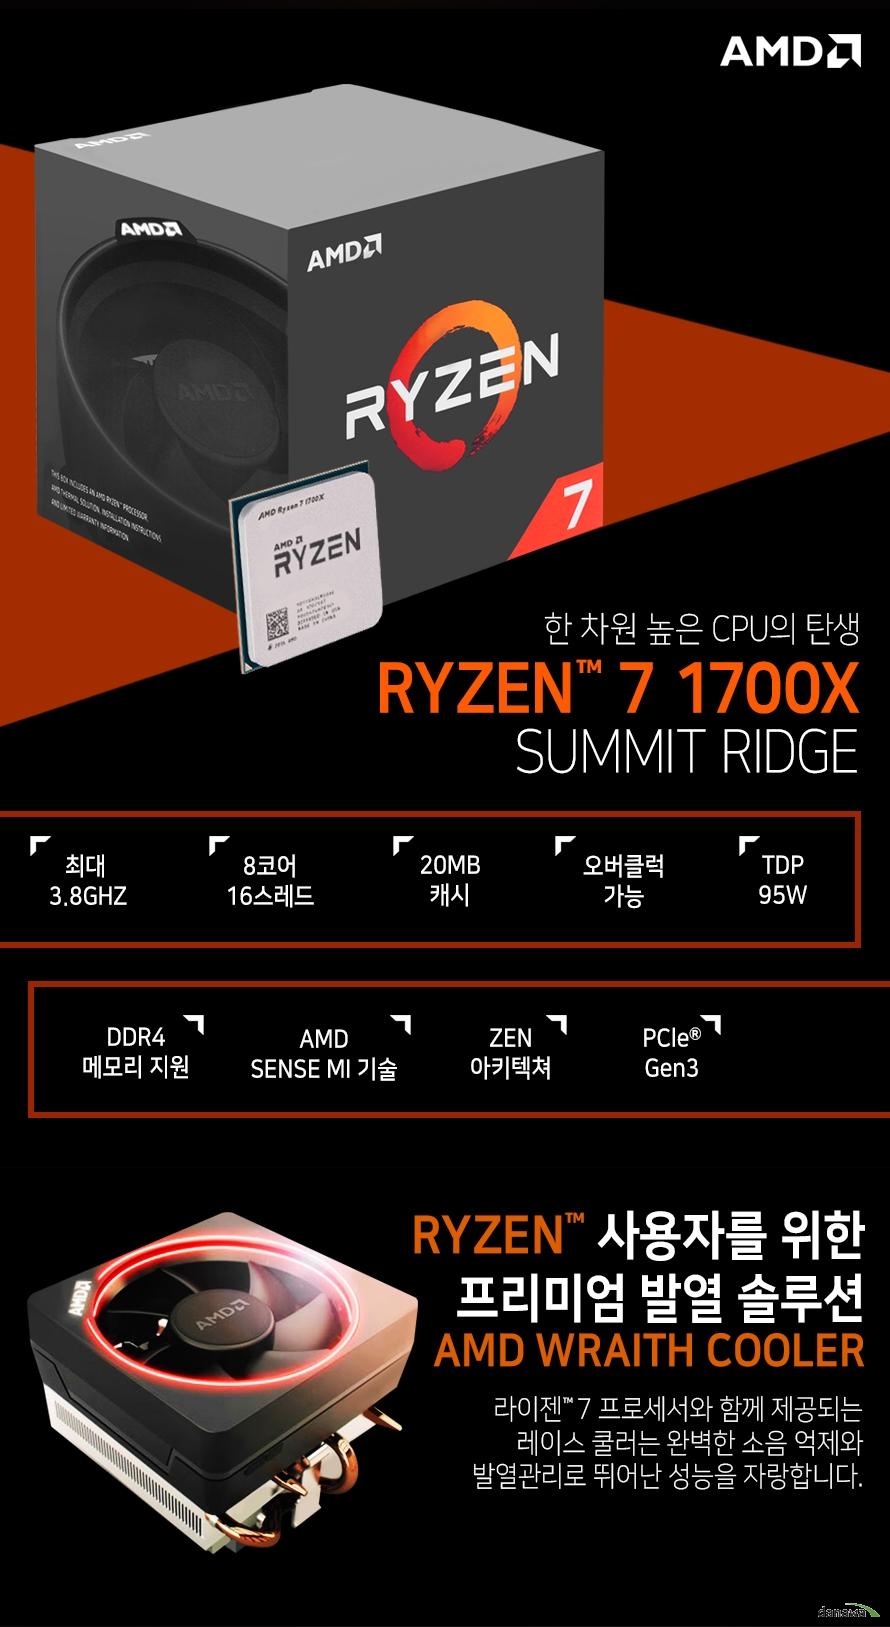 한 차원 높은 CPU의 탄생         RYZEN 7 1700X         SUMMIT RIDGE                  최대 3.8GHZ          8코어 16스레드         20MB 캐시         오버클럭 가능         TDP 95W         DDR4 메모리 지원         AMD SENSE MI 기술         ZEN 아키텍쳐         PCle Gen 3                  RYZEN 사용자를 위한 프리미엄 발열 솔루션         AMD WRAITH COOLER                  라이젠 7 프로세서와 함께 제공되는 레이스 쿨러는          완벽한 소음 억제와 발열관리로 뛰어난 성능을 자랑합니다.